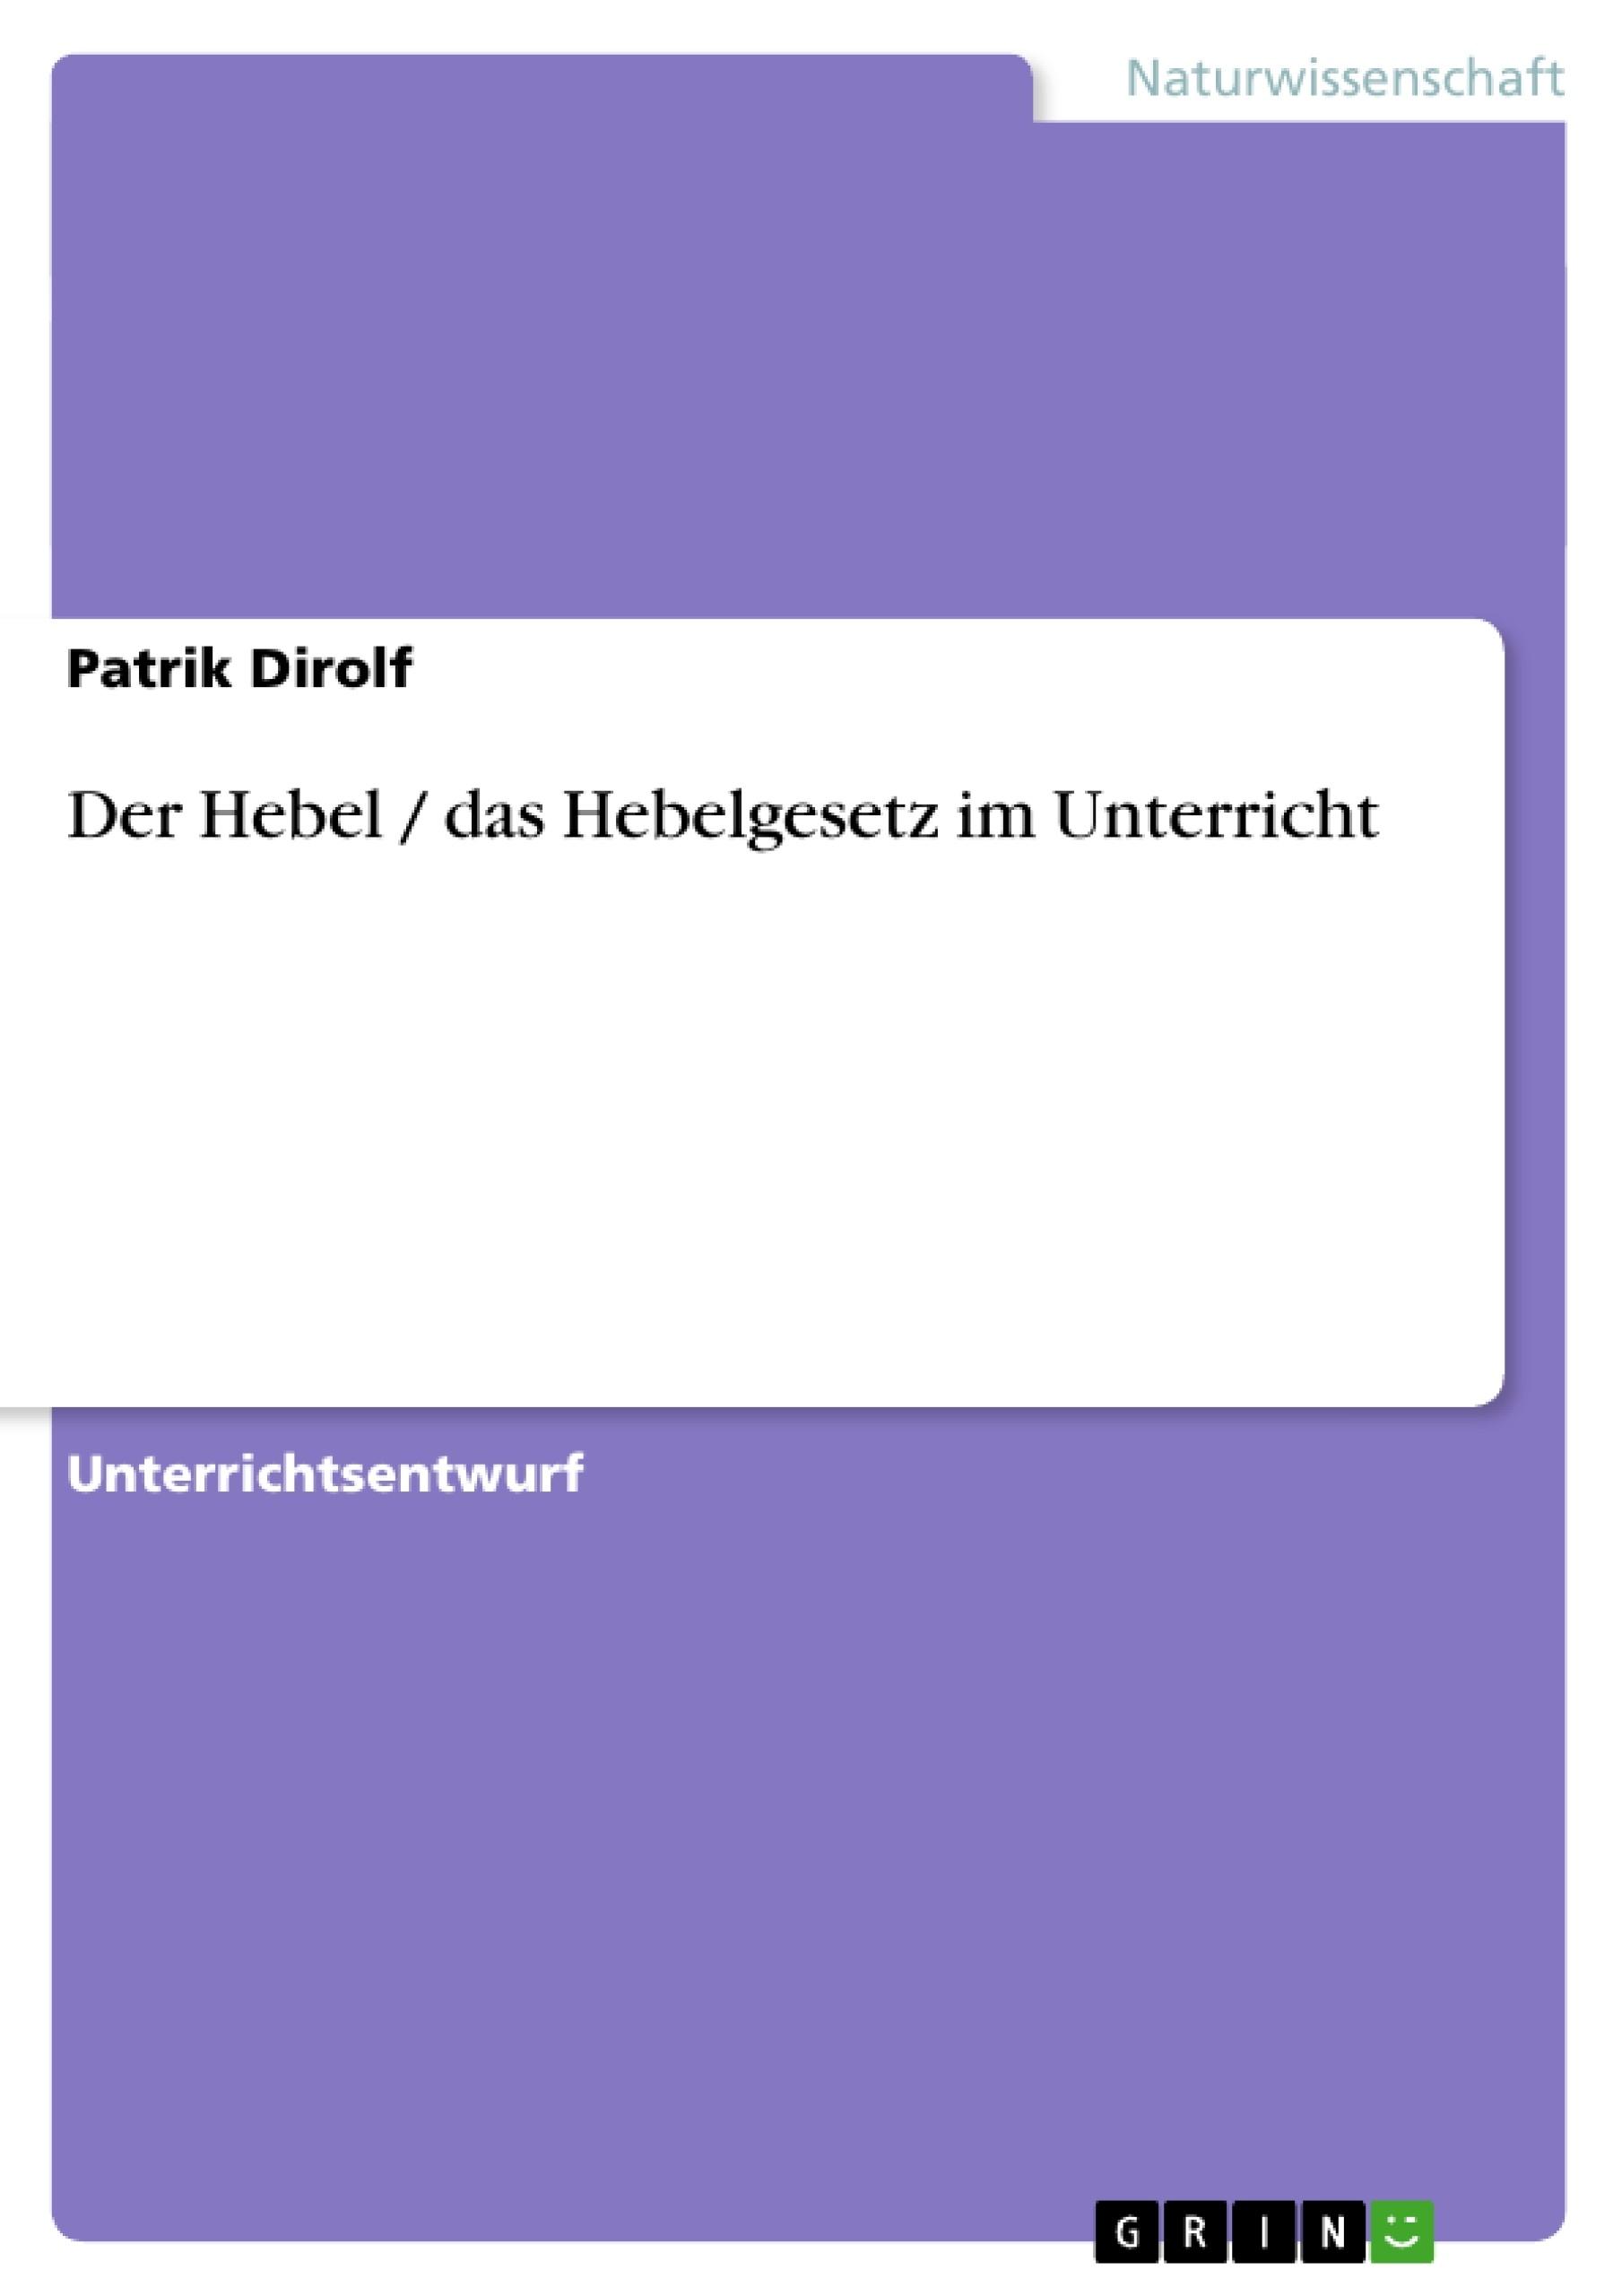 Schön Sequenzierung Der Geschichte Arbeitsblatt Zeitgenössisch ...